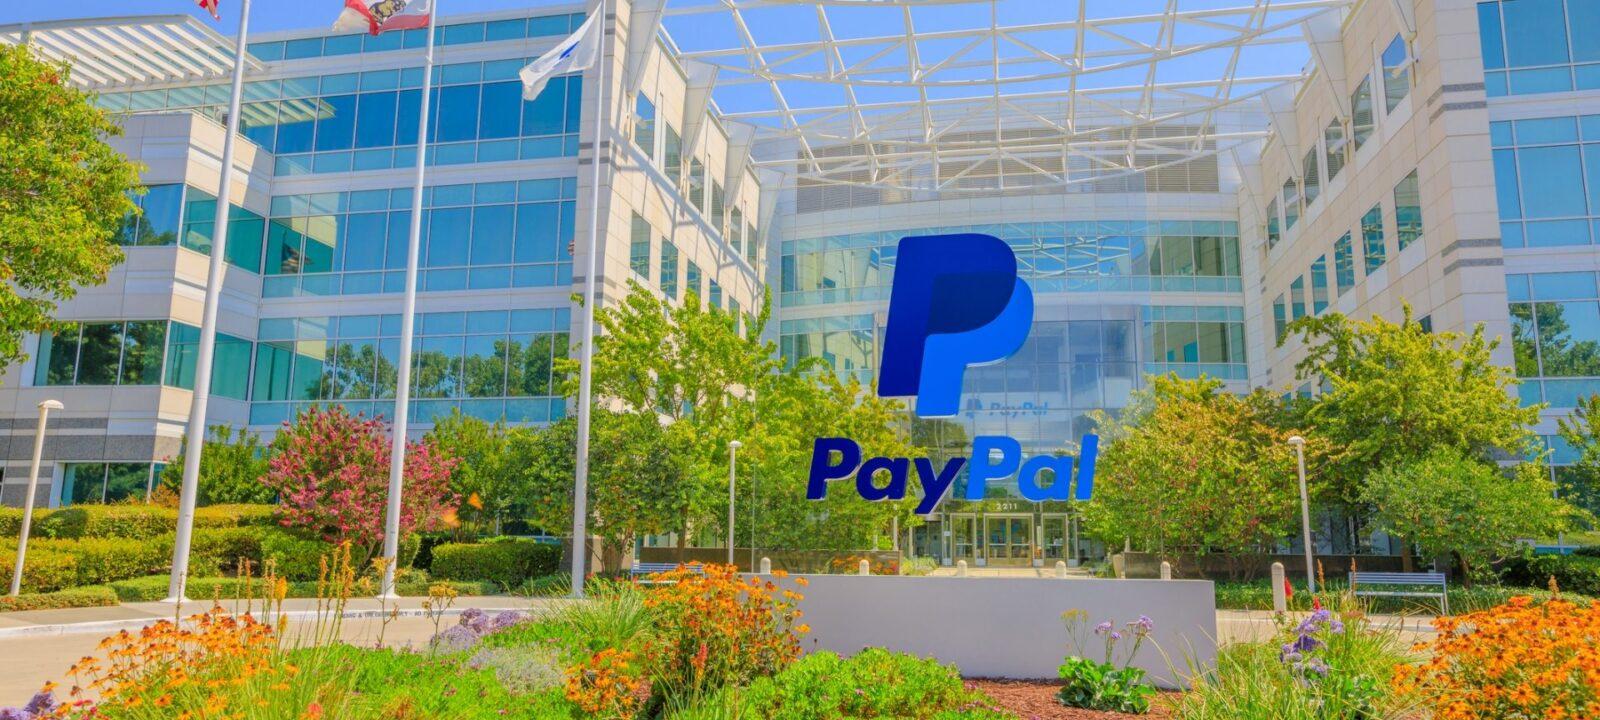 Стоит ли инвестировать в акции PayPal? Плюсы и минусы